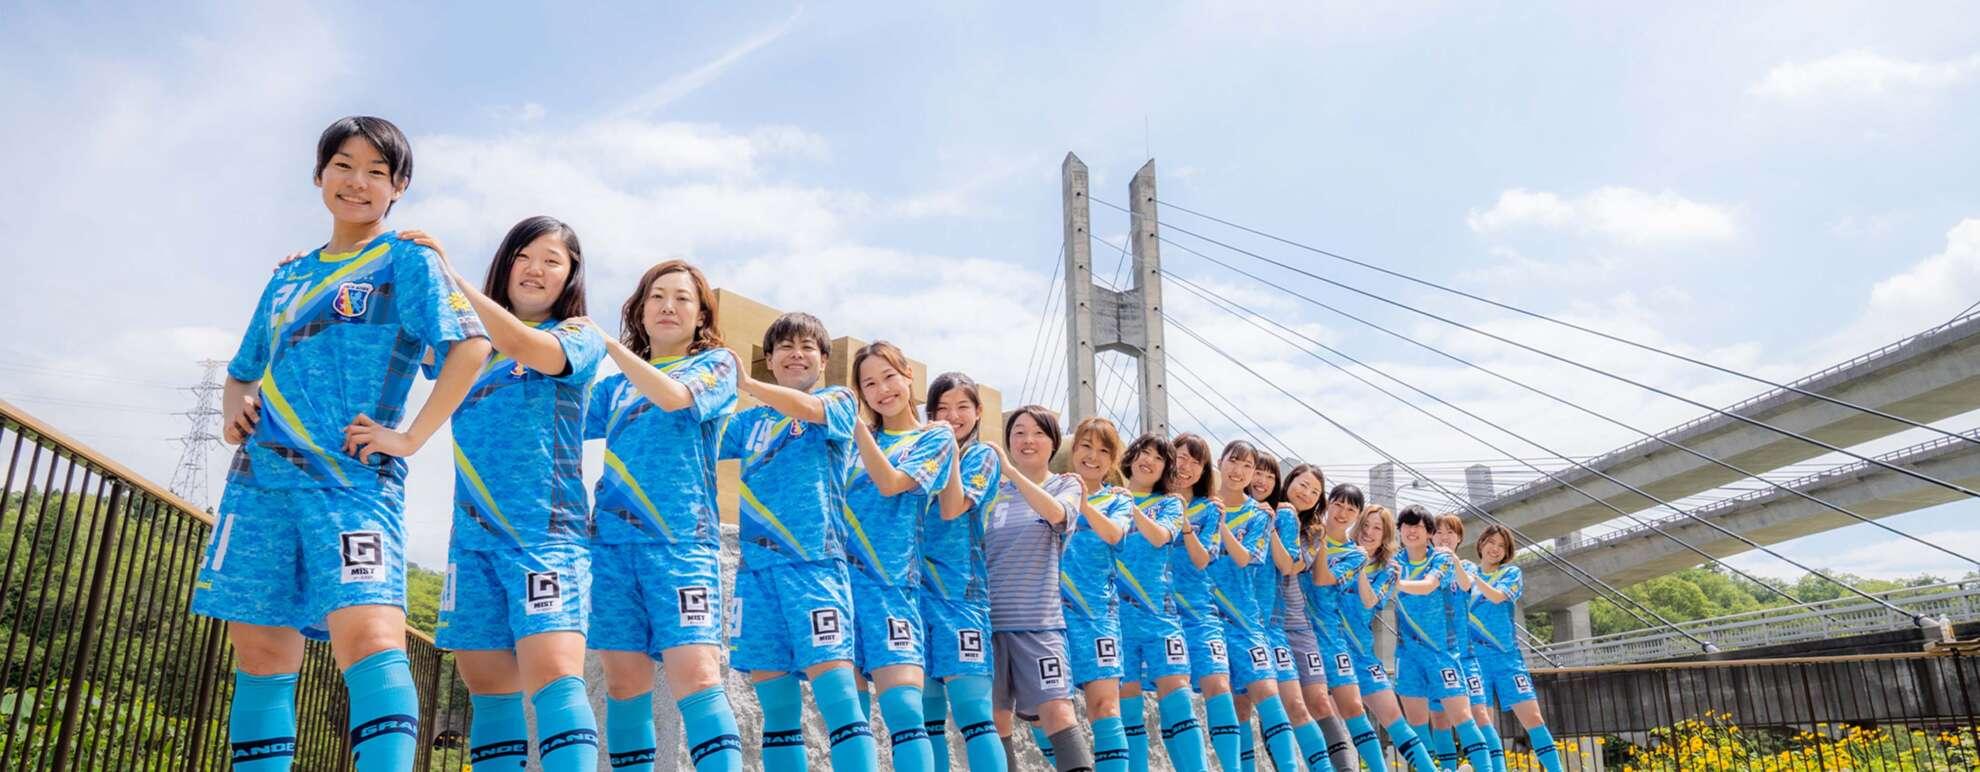 アルコ3か月半ぶりの日本リーグ!次の試合は兵庫ダービー!10月10日(日)日本女子フットサルリーグ2021-2022 第6節